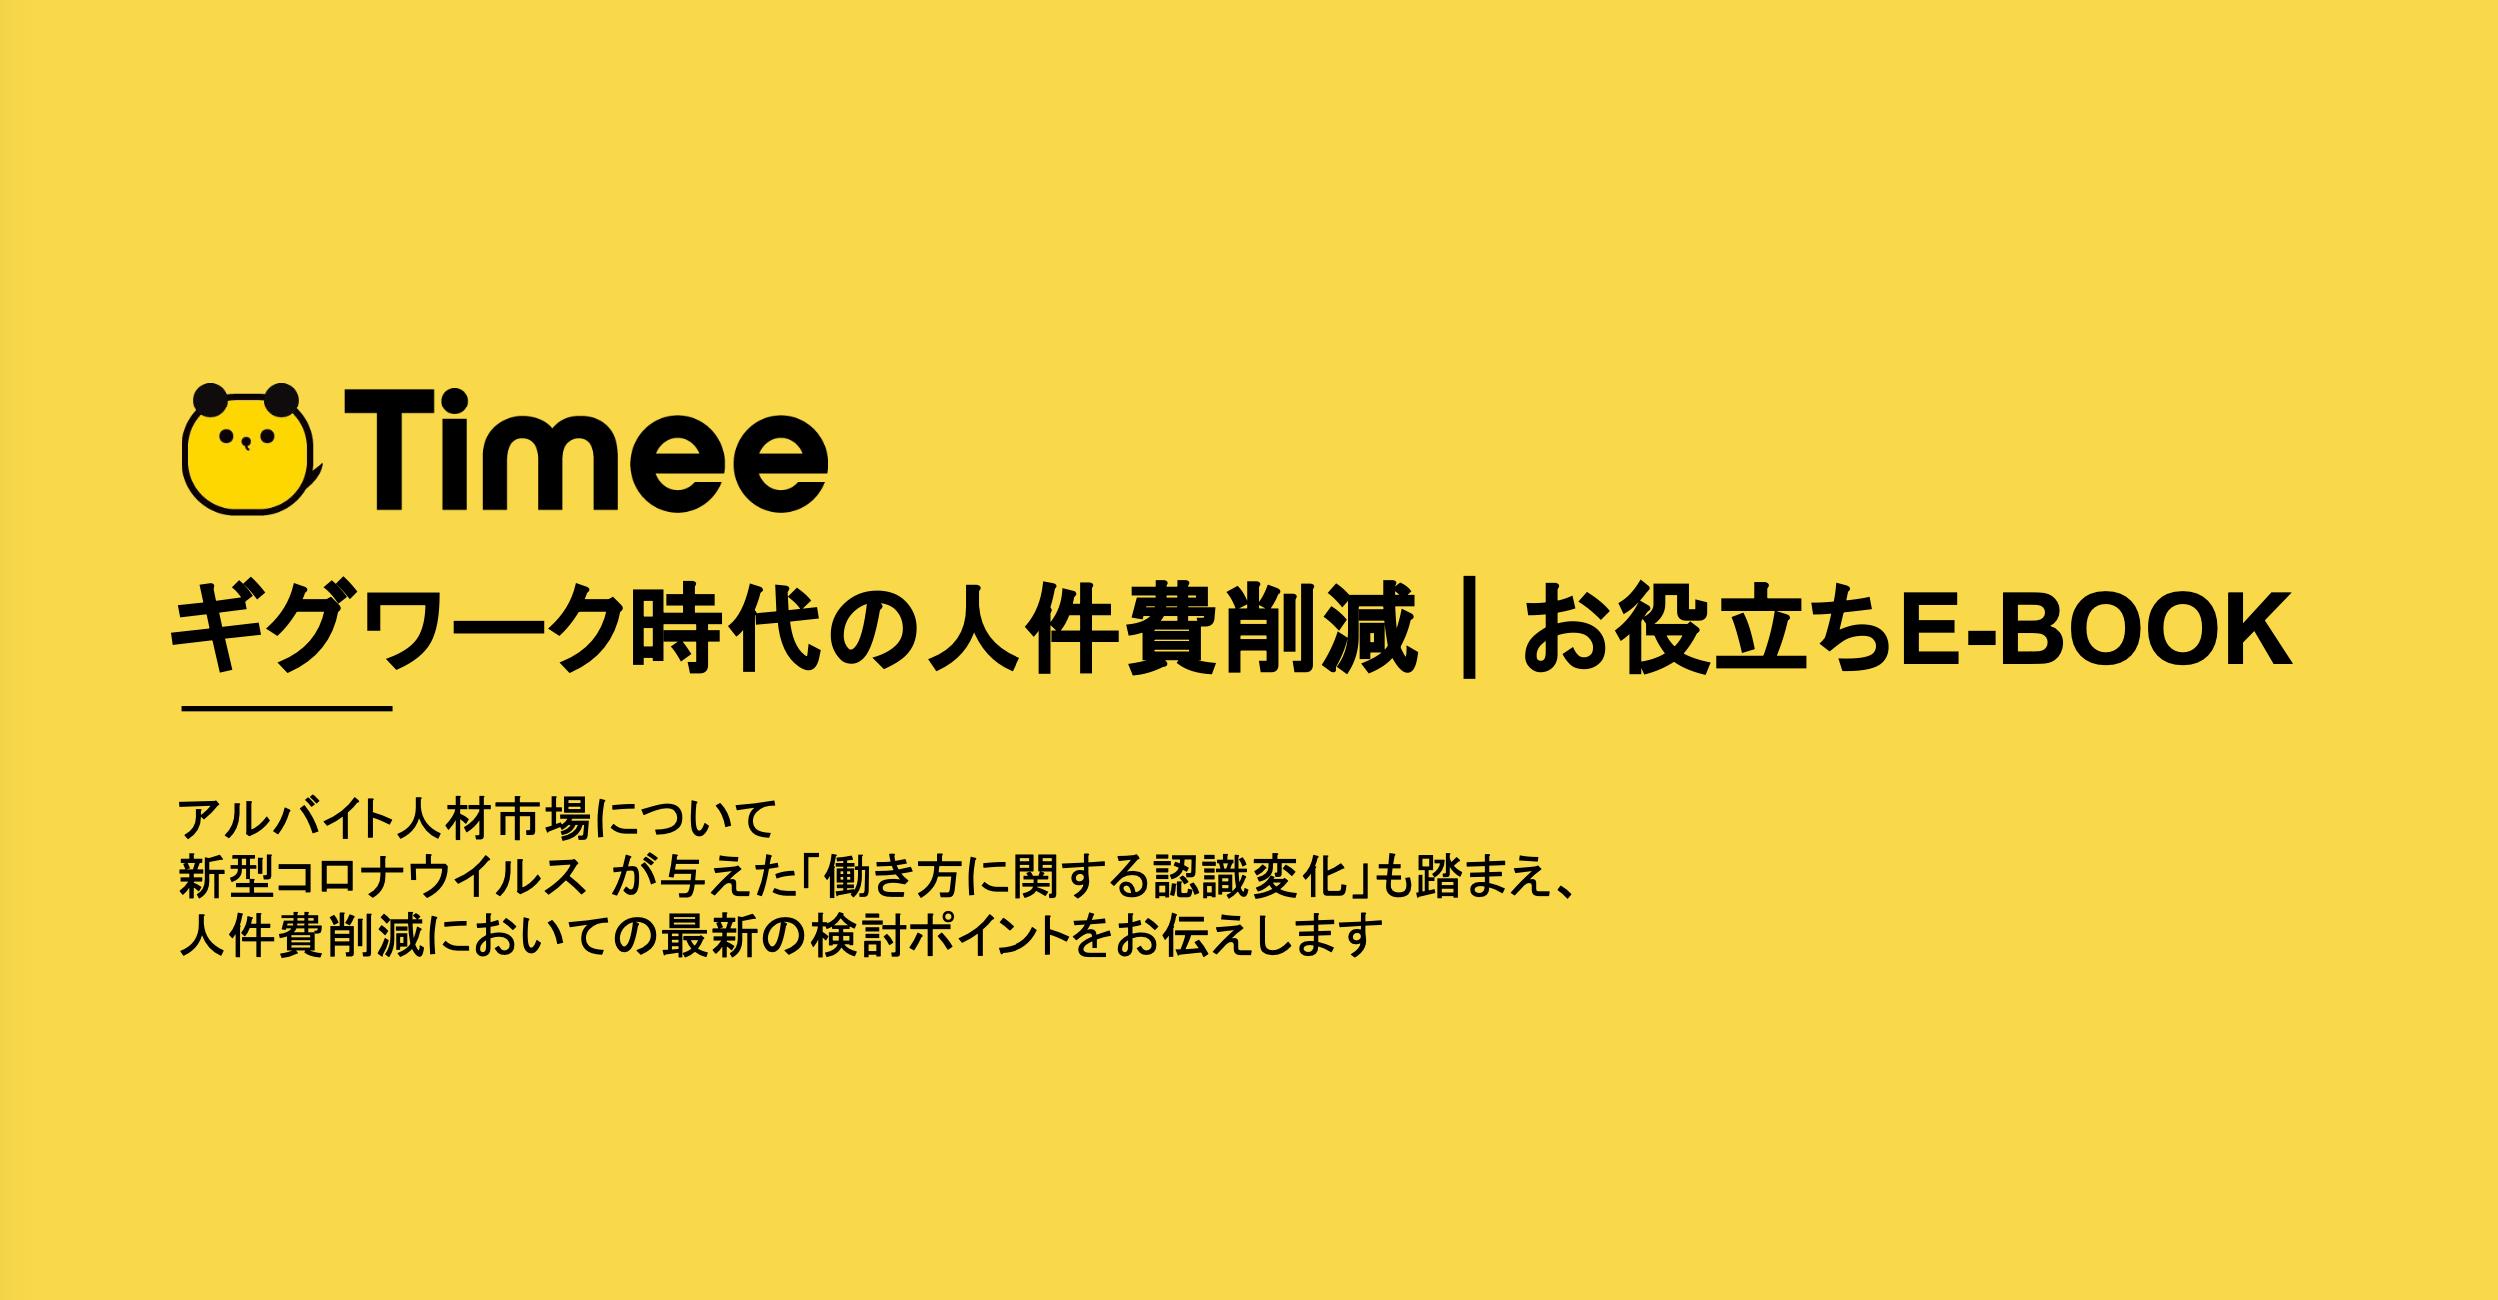 スクリーンショット 2021-09-06 23.26.45